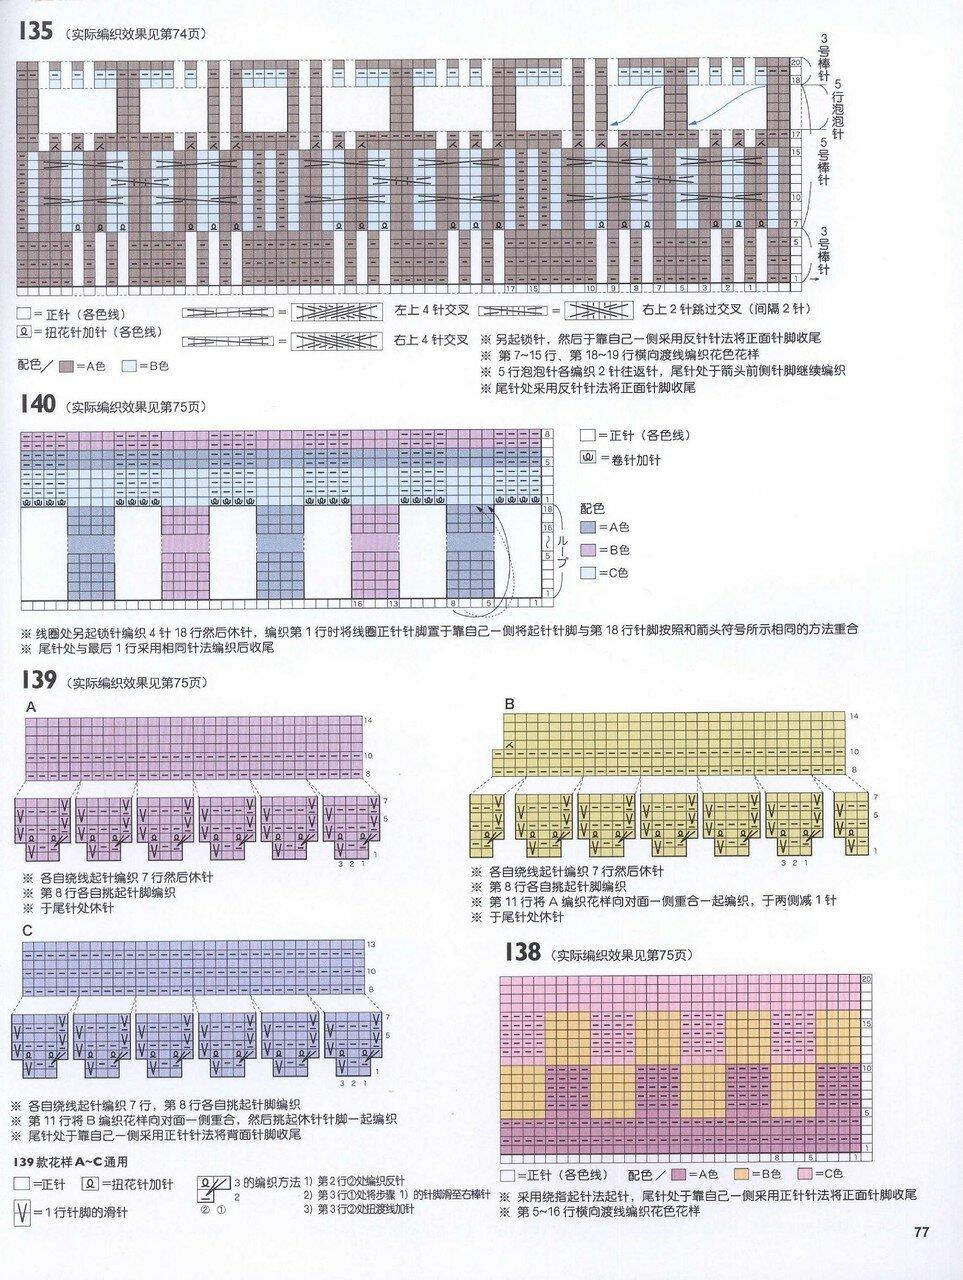 150 Knitting_79.jpg